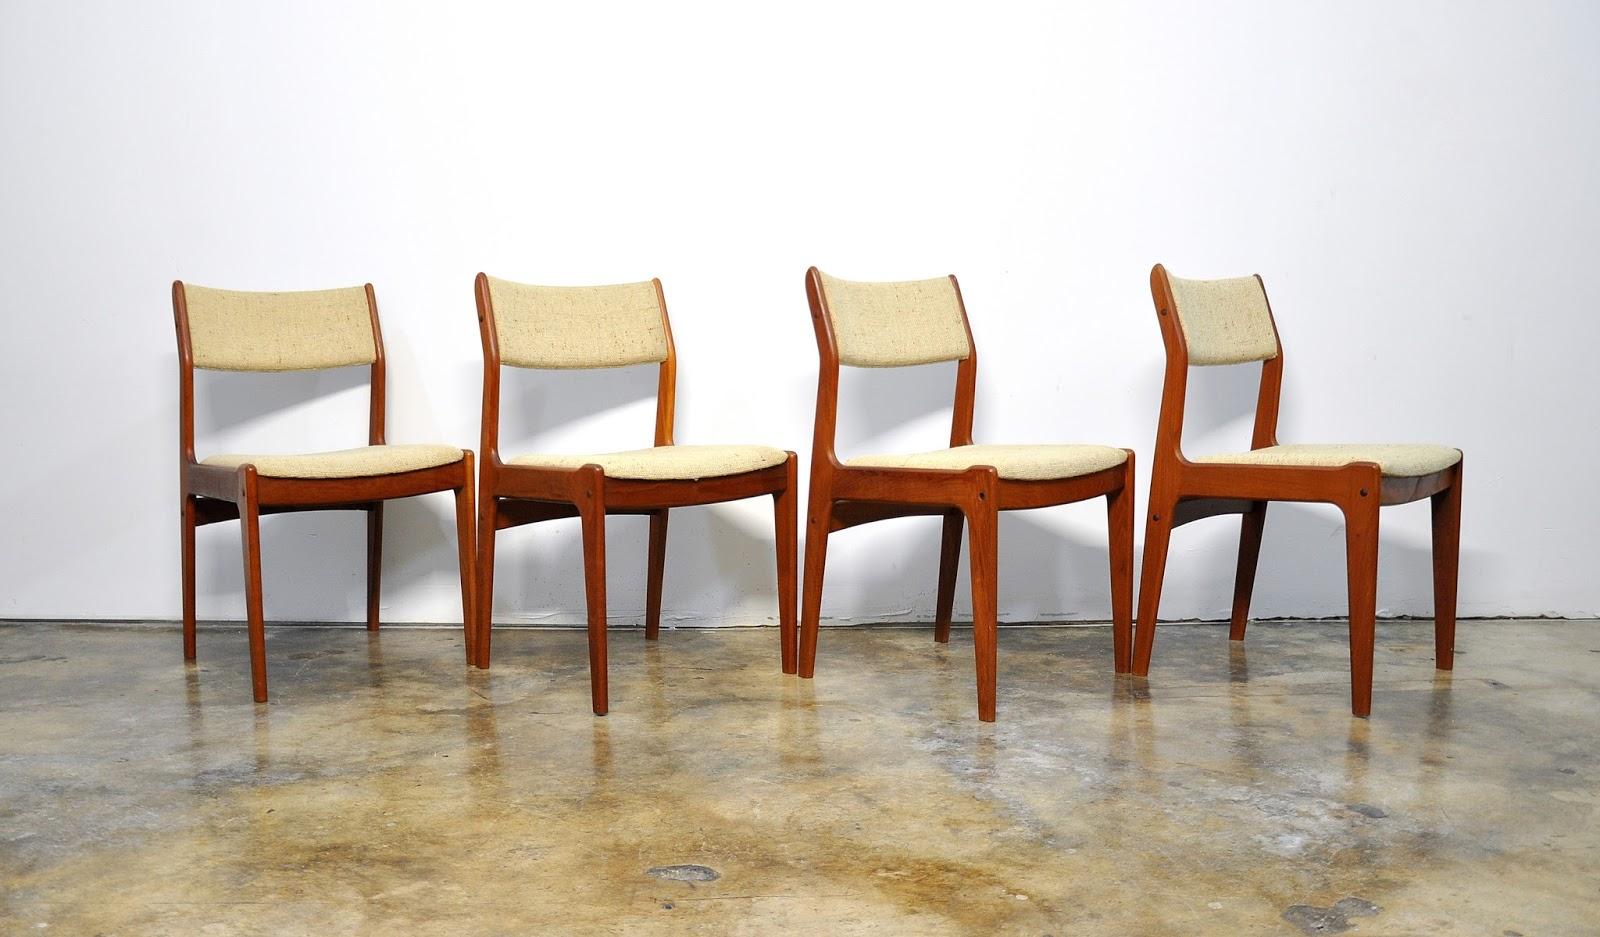 SELECT MODERN Set of 4 Danish Modern Teak Dining Chairs : ScandinavianDiningChairs2 from midcenturymoderndesignfinds.blogspot.com size 1600 x 937 jpeg 235kB